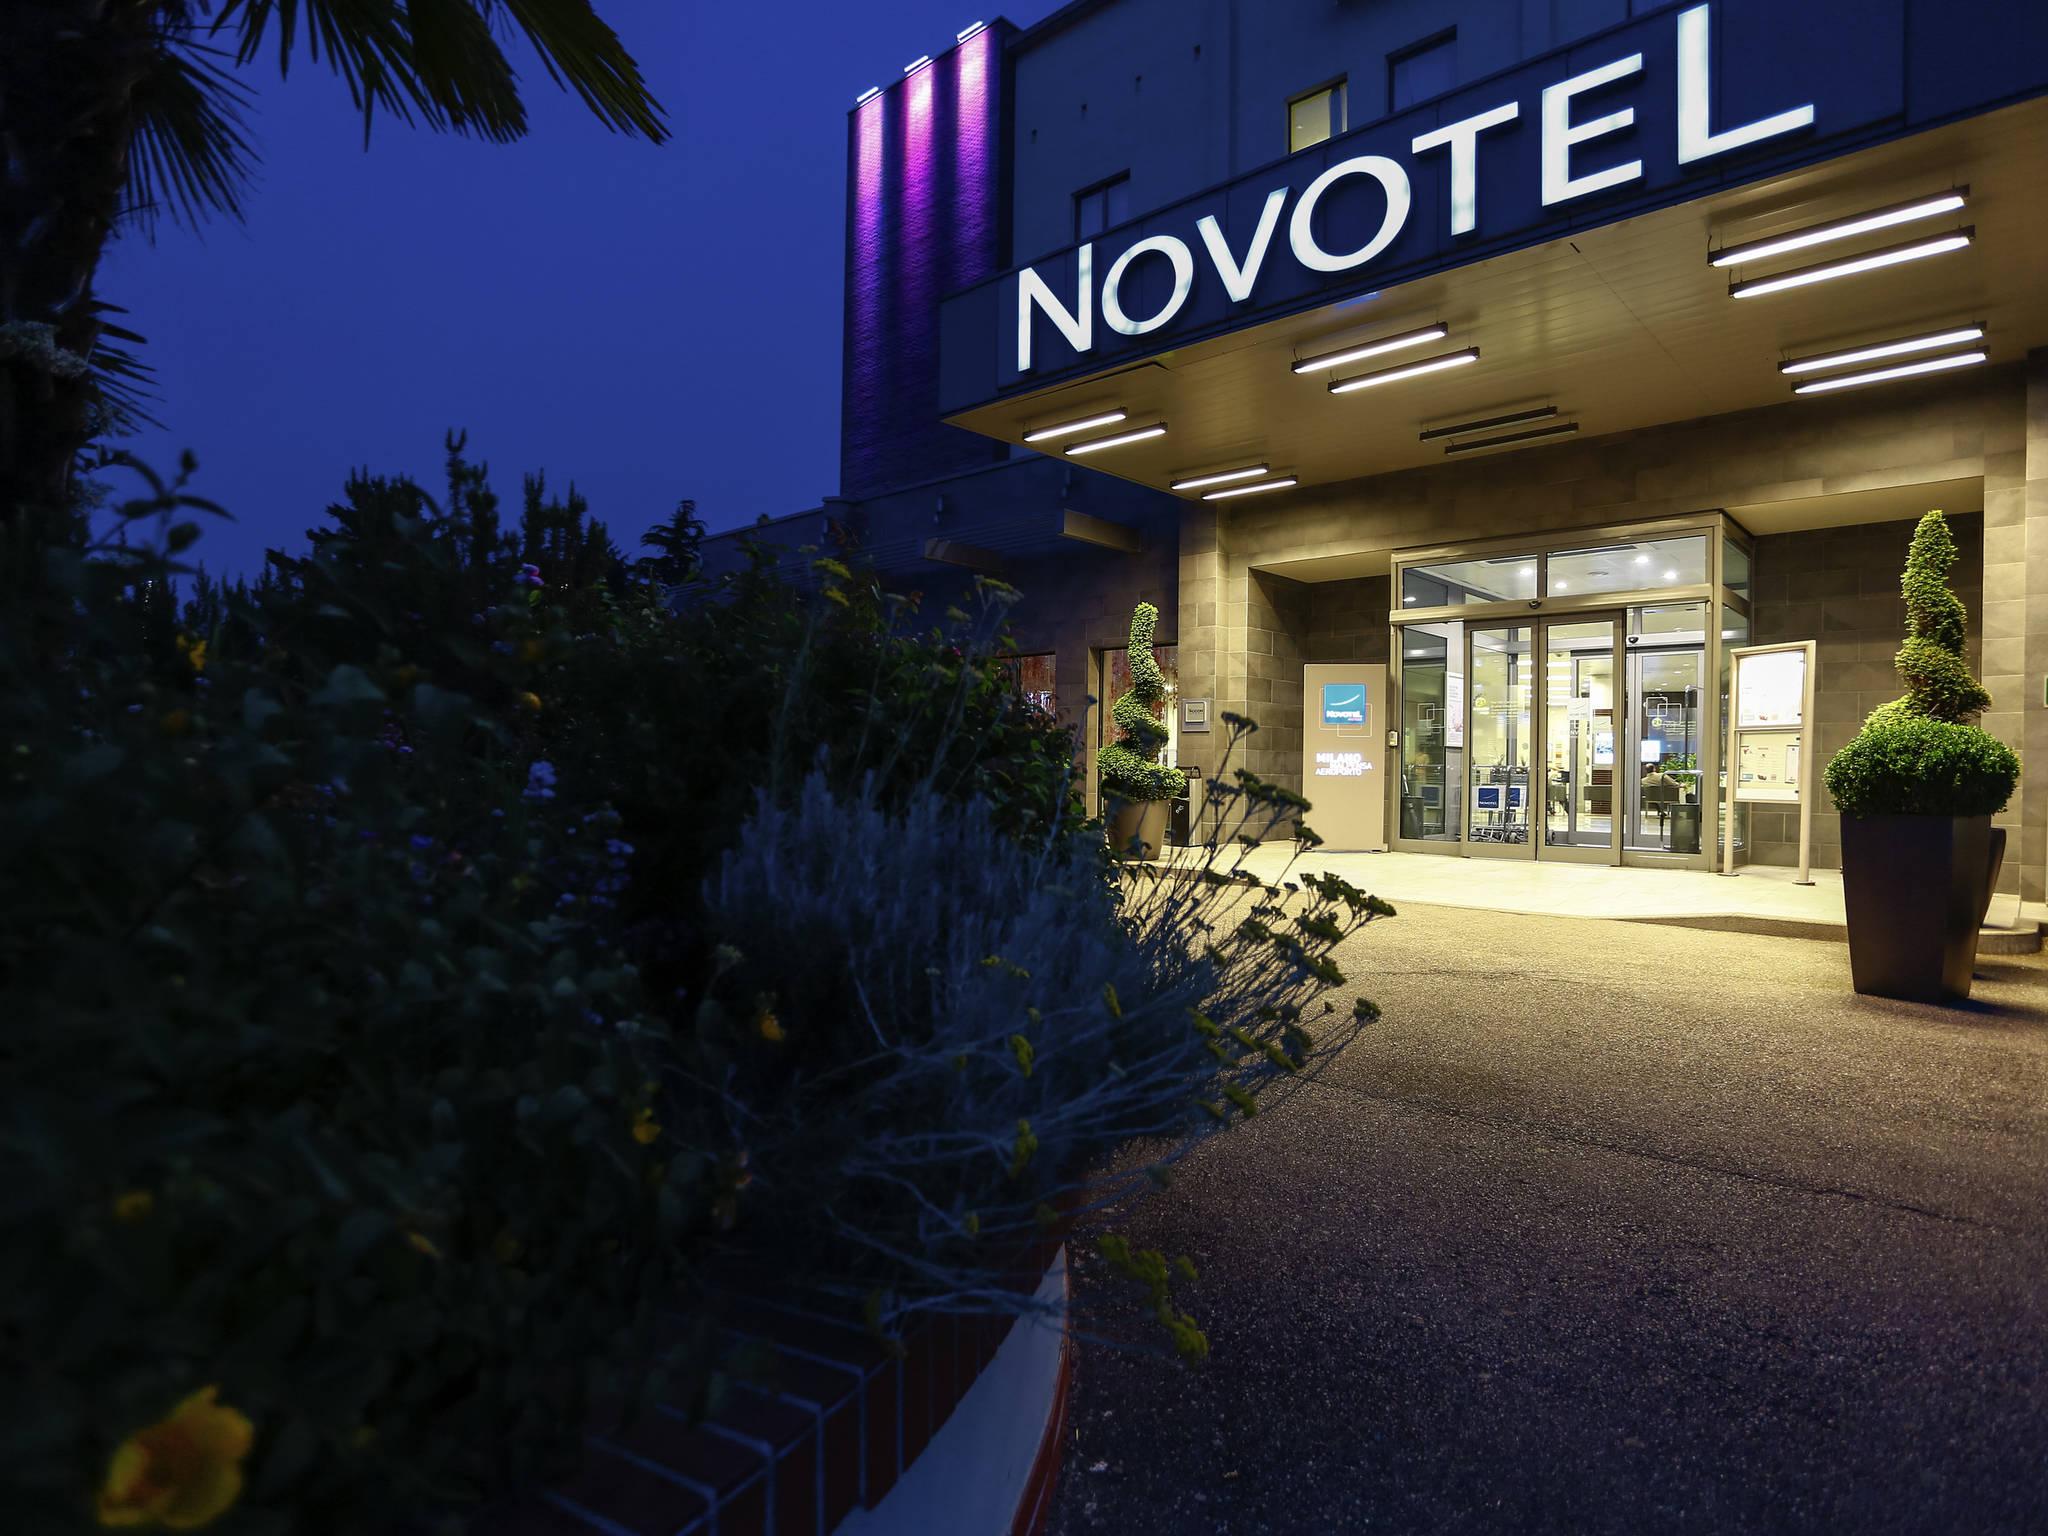 Cardano al Campo Hotels $51